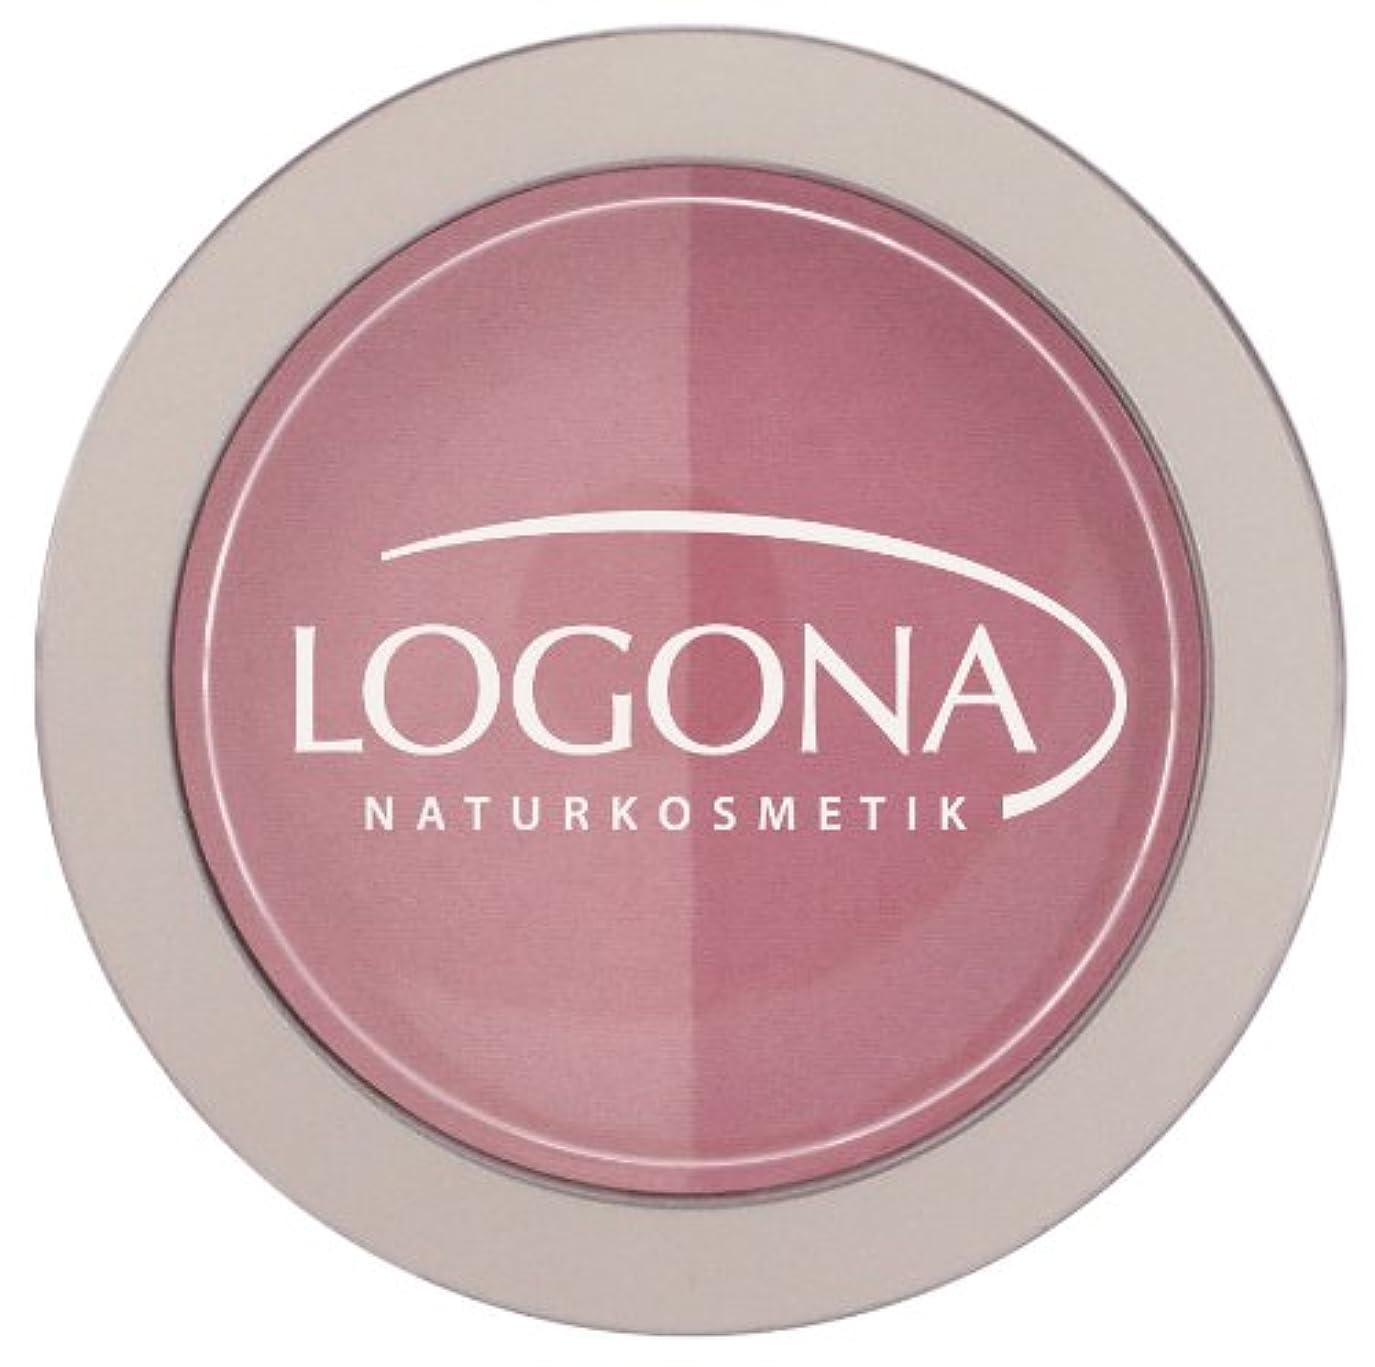 【日本正規輸入品】 ロゴナ チークカラー<デュオ> 01ローズ&ピンク 10g